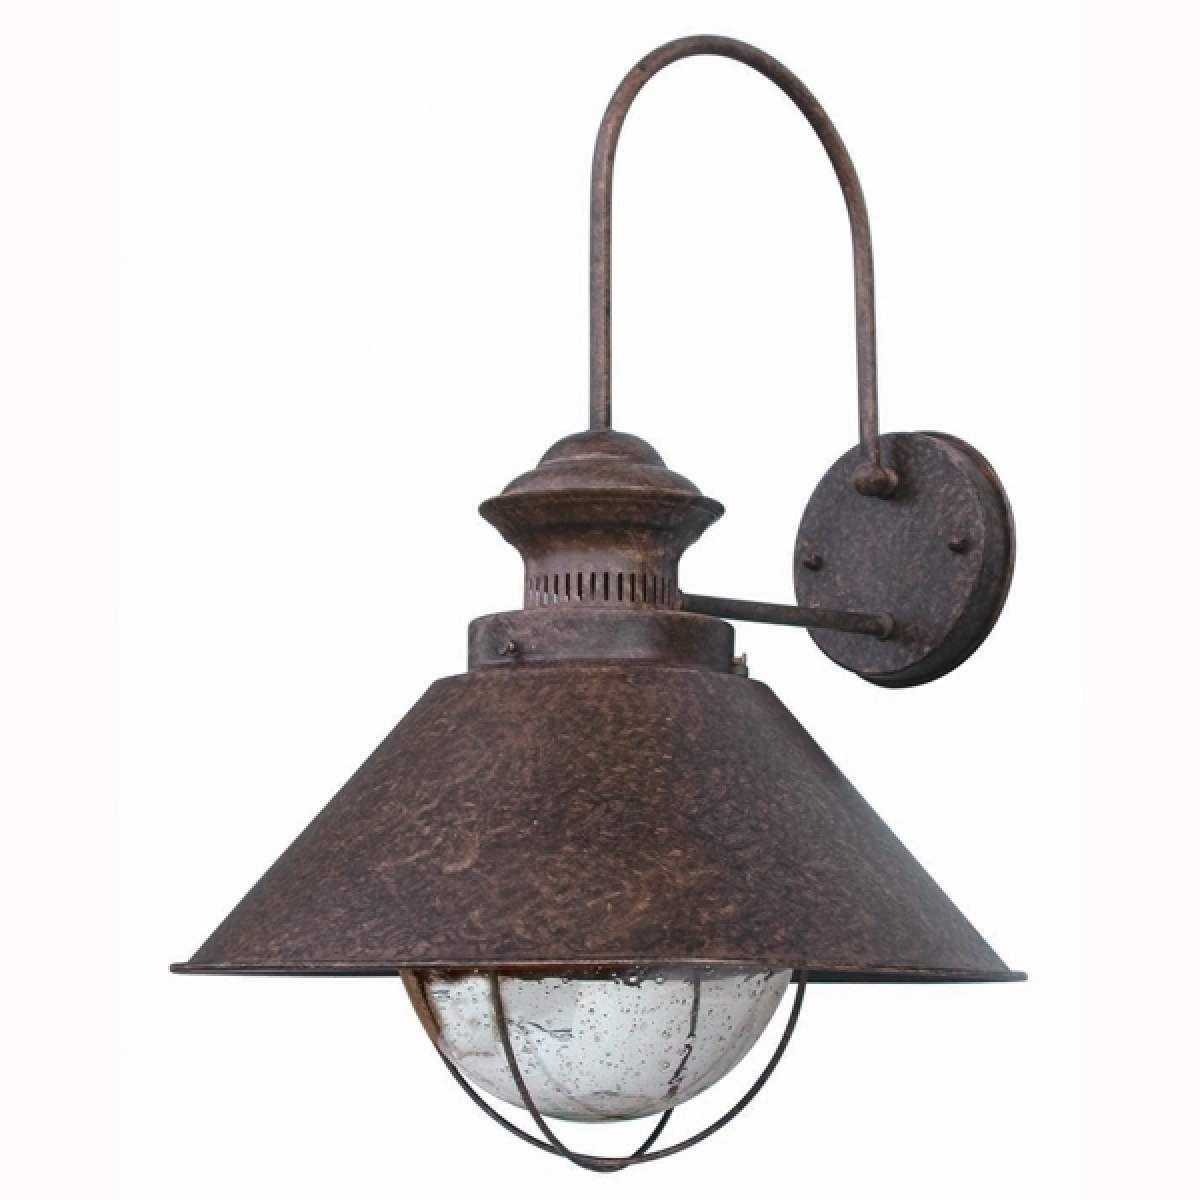 LED Außen Lampe Design Strahler schwarz geschwungen Garten kupfer Solar Leuchte